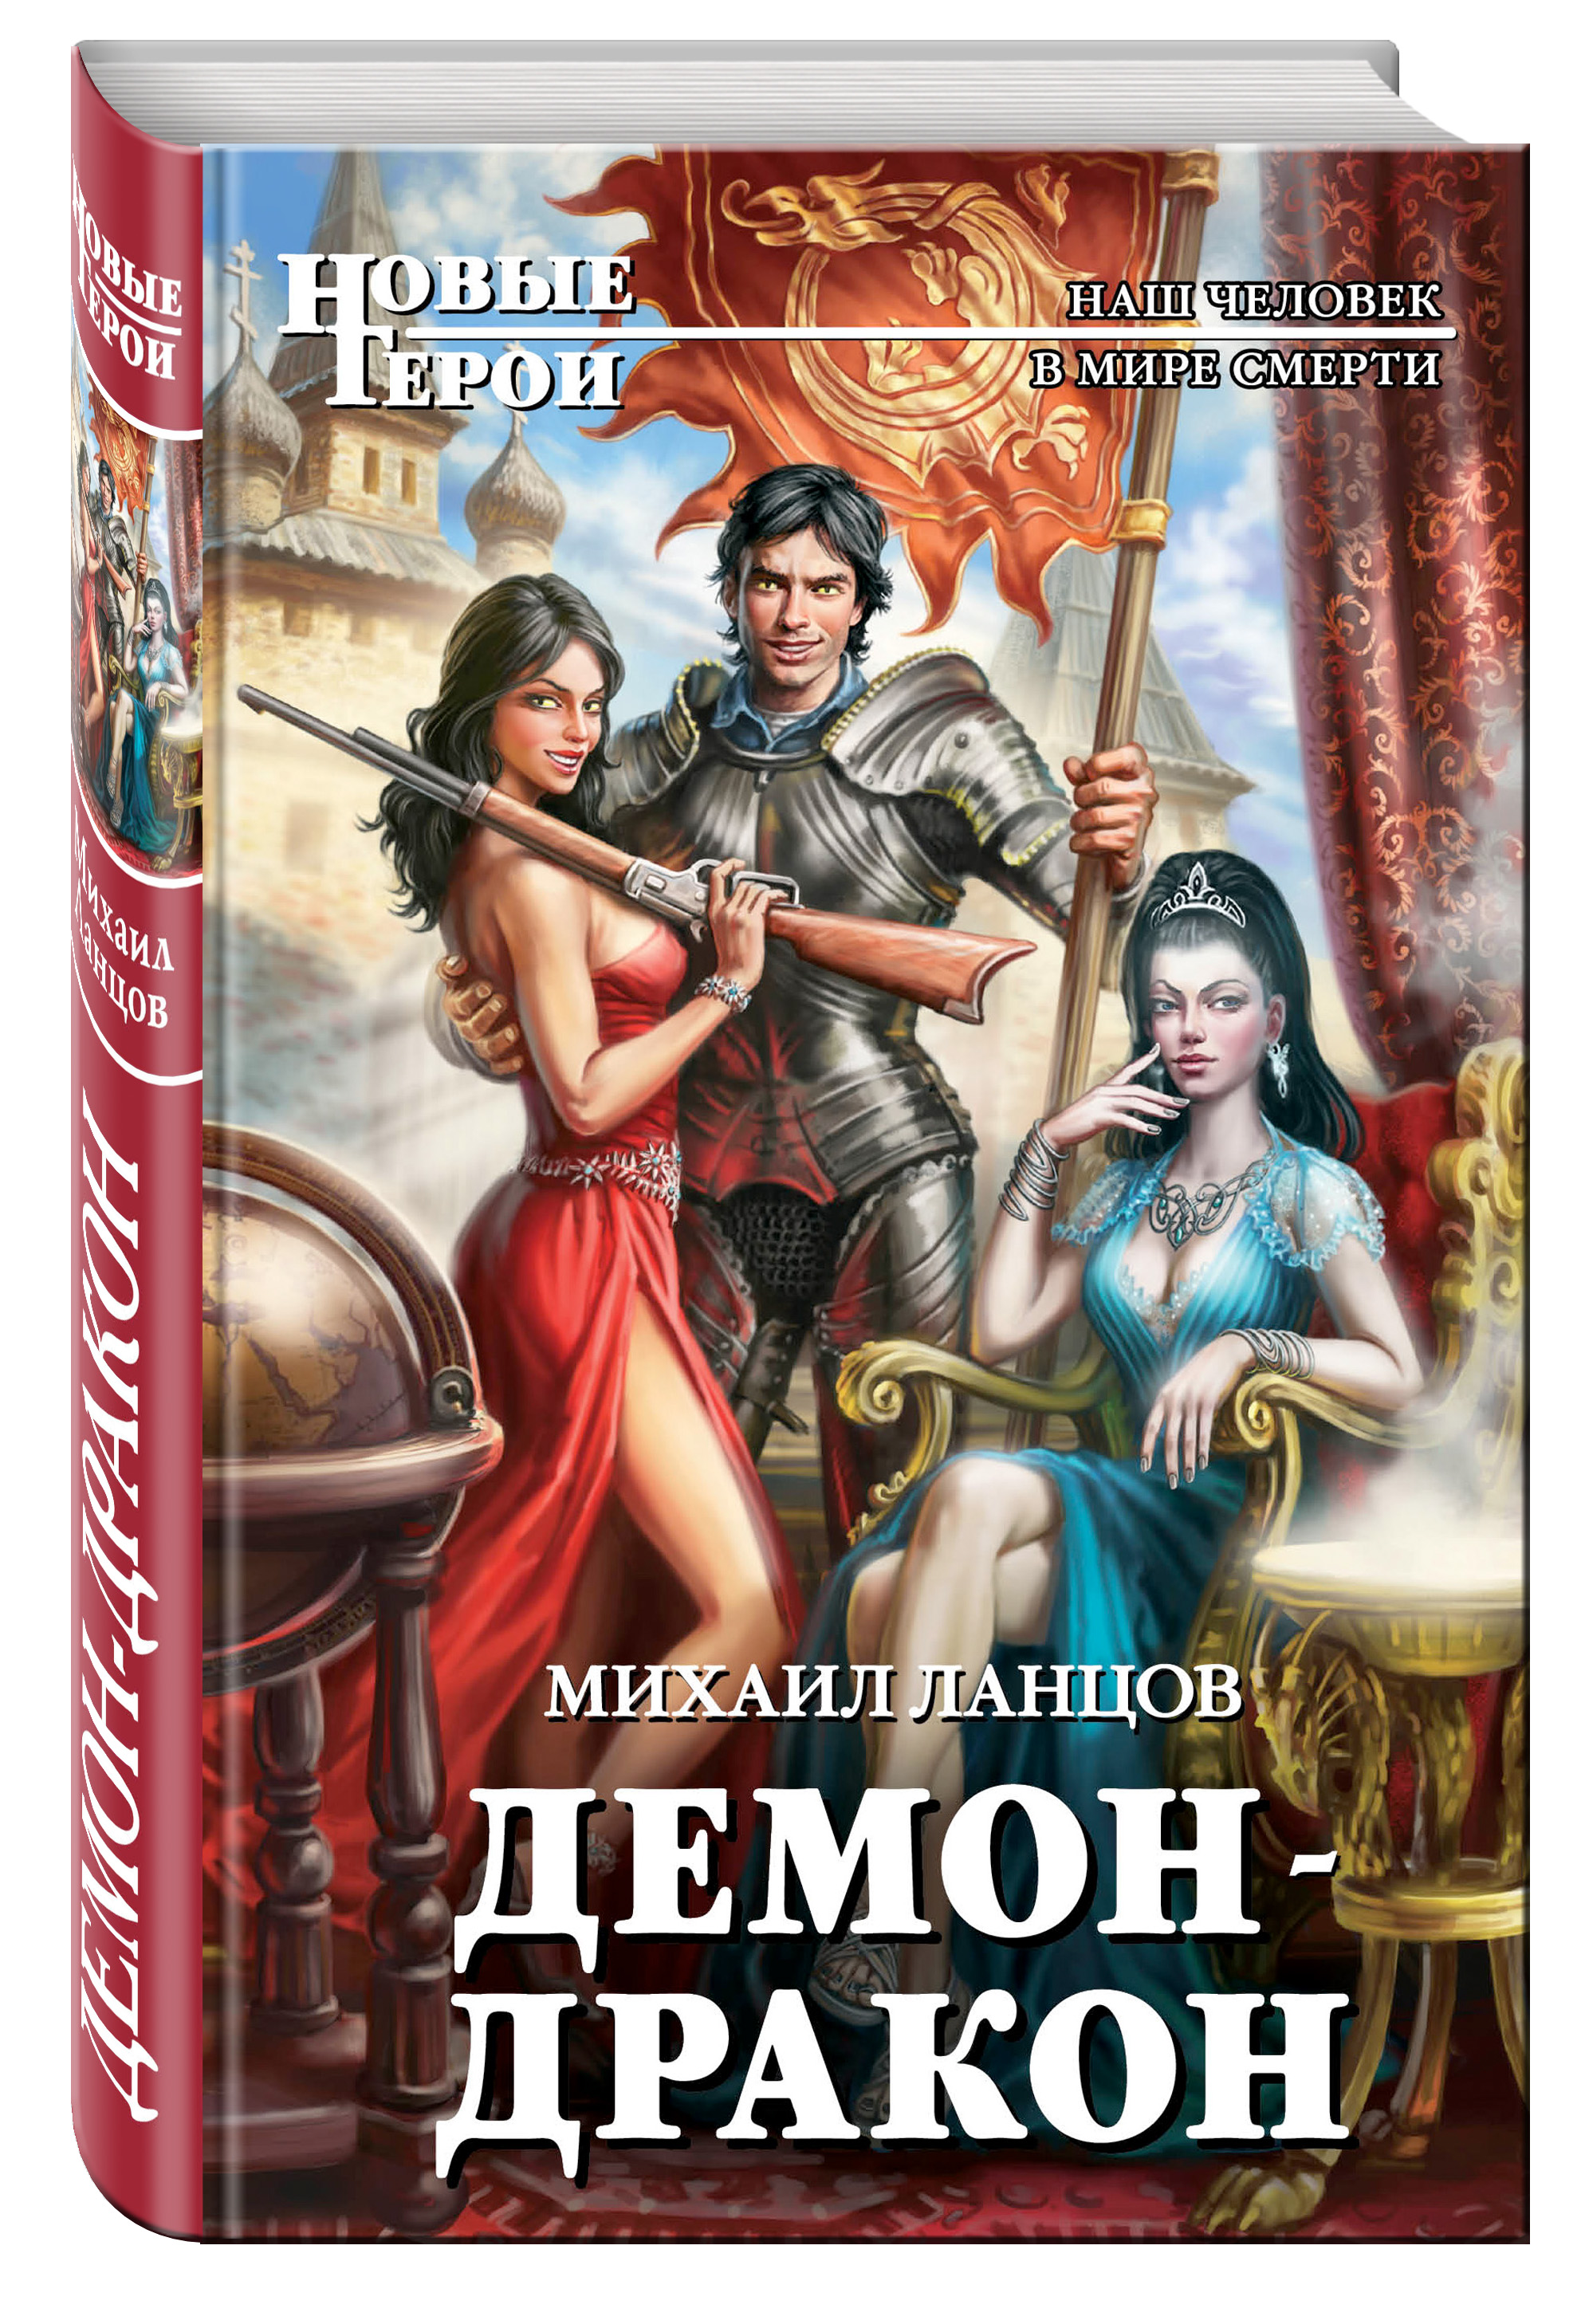 Ланцов М. Демон-дракон виктор кротов червячок игнатий и его размышления новые приключения